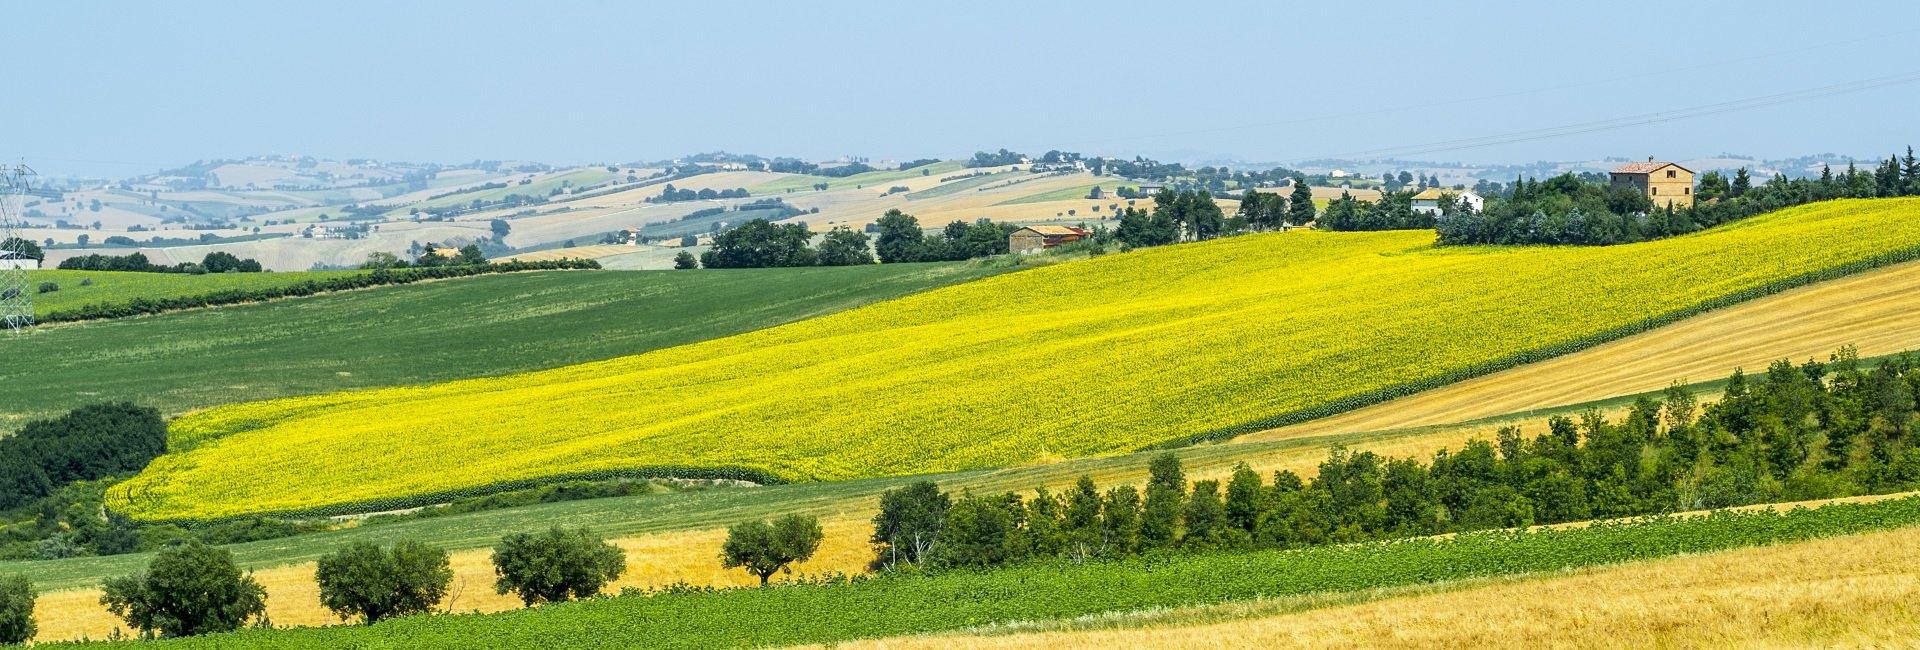 marche-italie-landschap.jpg